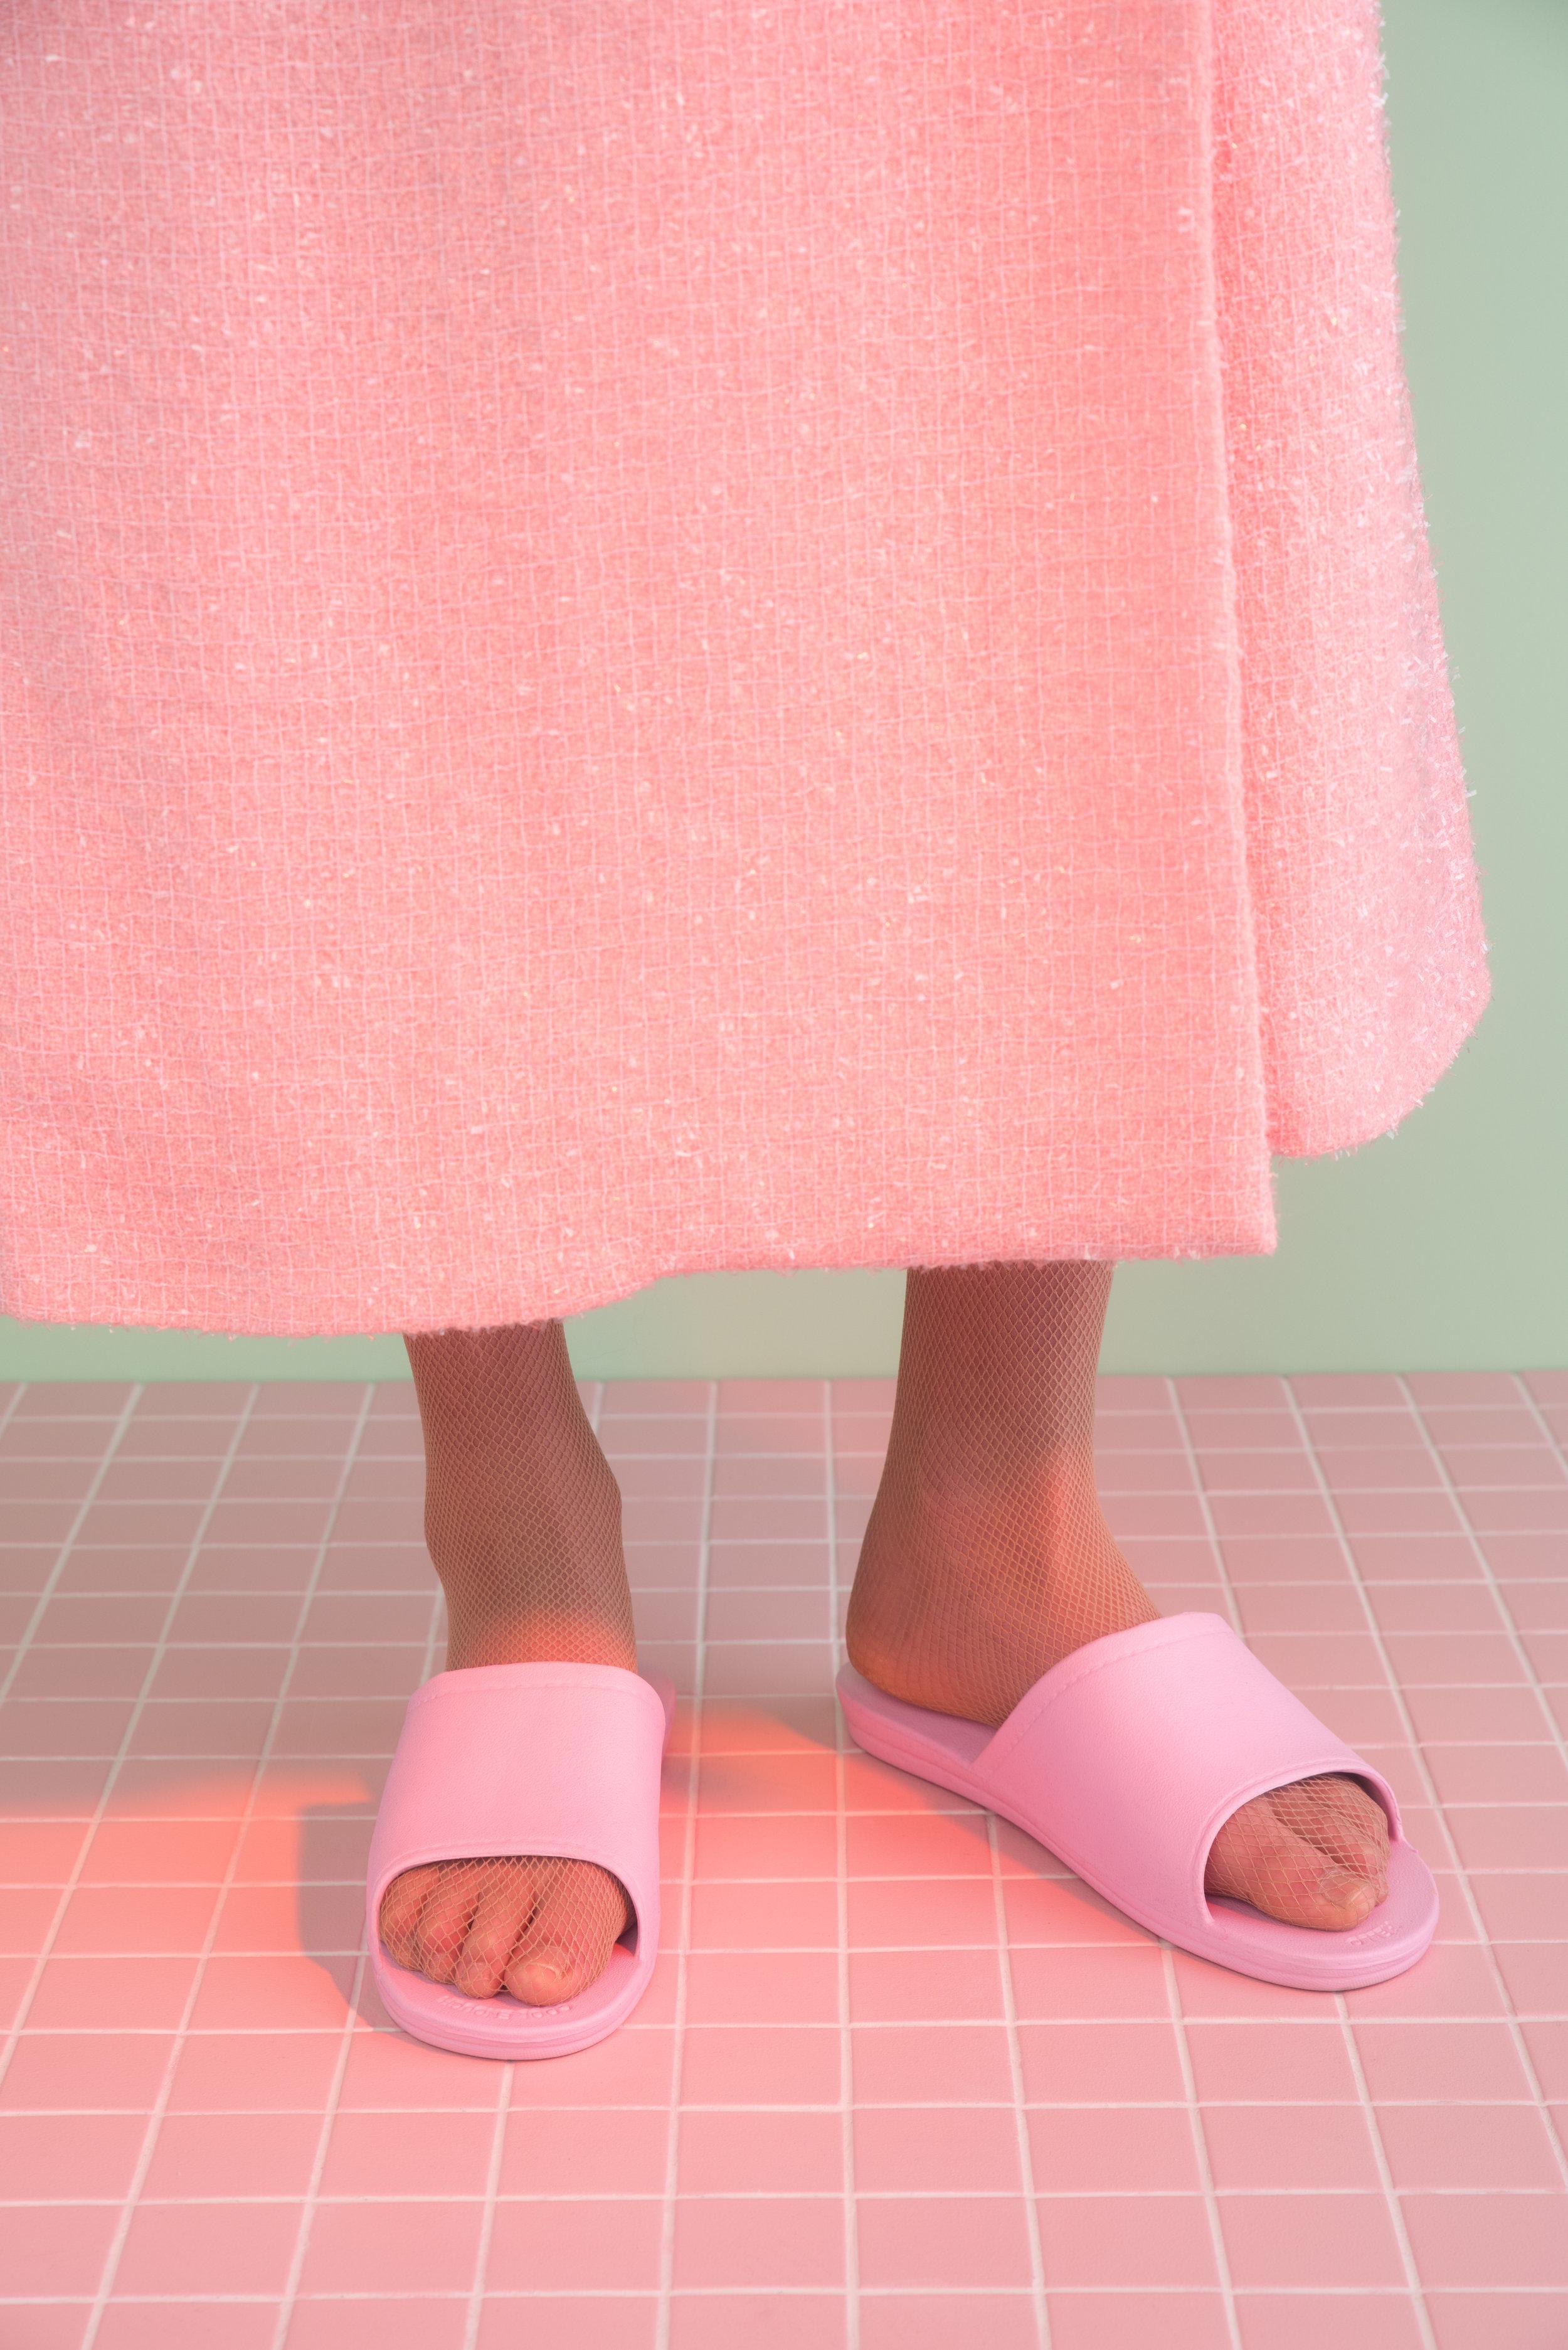 Shoes_2862-rev01.jpg